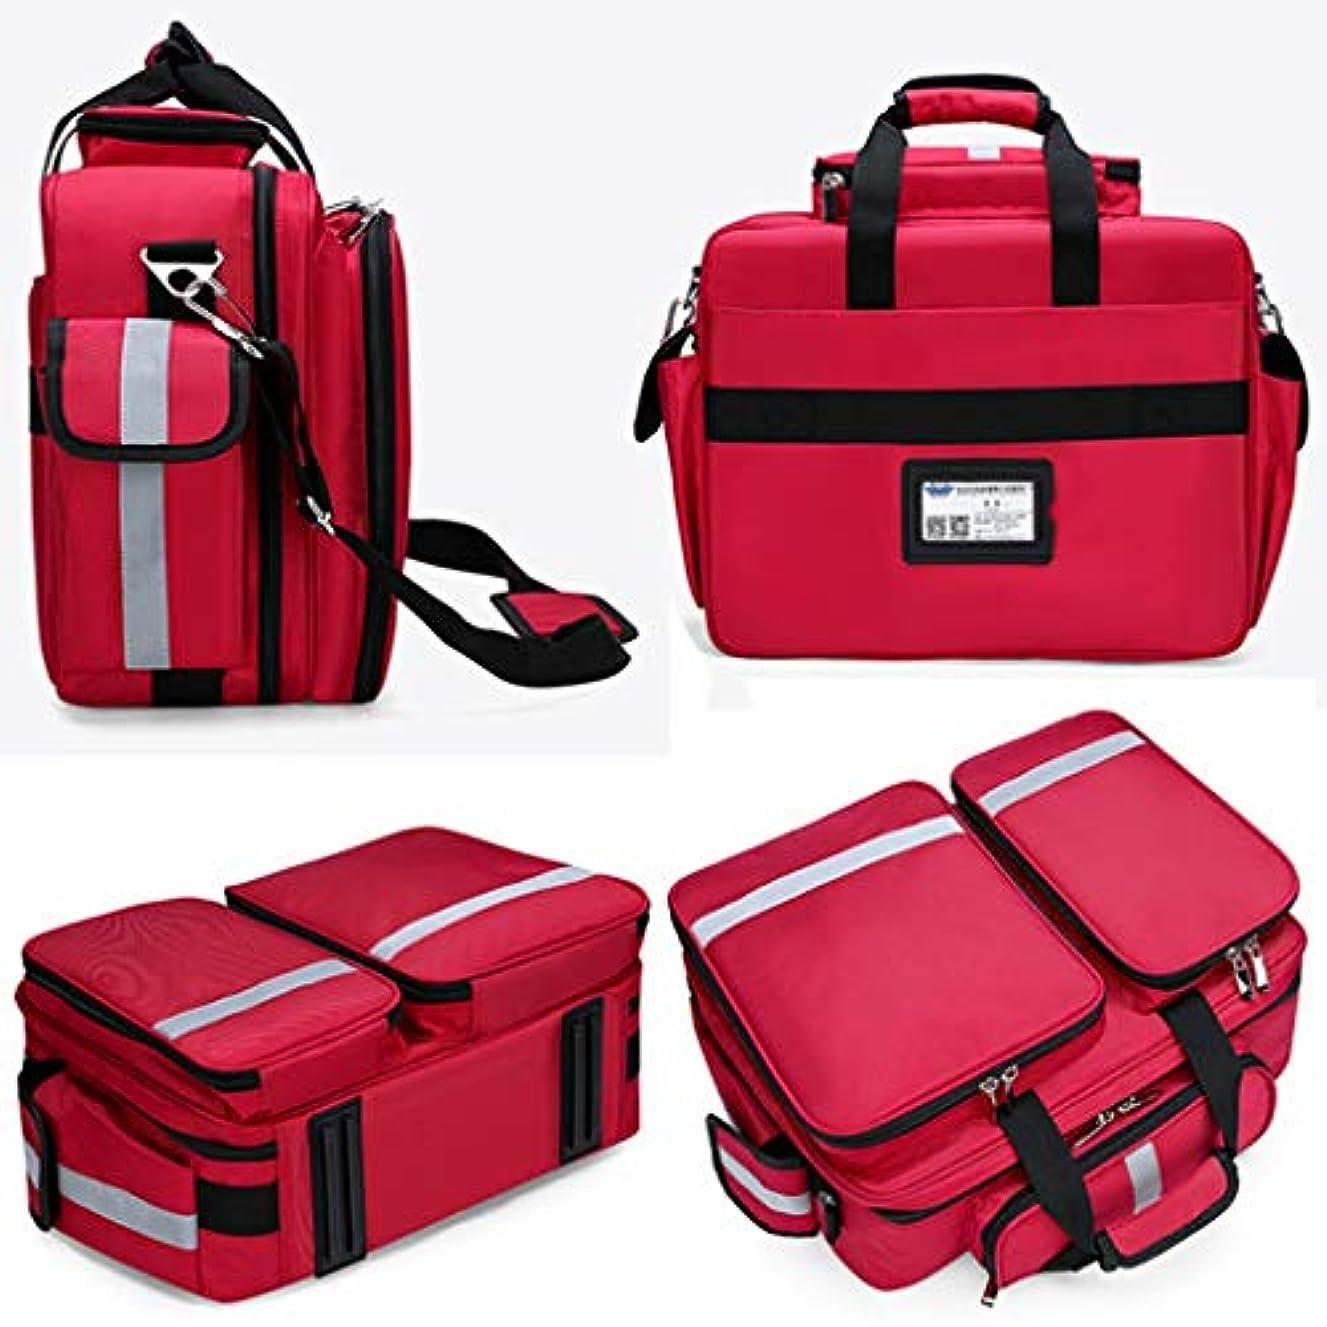 苦痛鳩不均一First aid kit ポータブル医療キット大容量救急箱コンパートメントデザインナイロンオックスフォード素材/赤青 XBCDP (Color : Red)